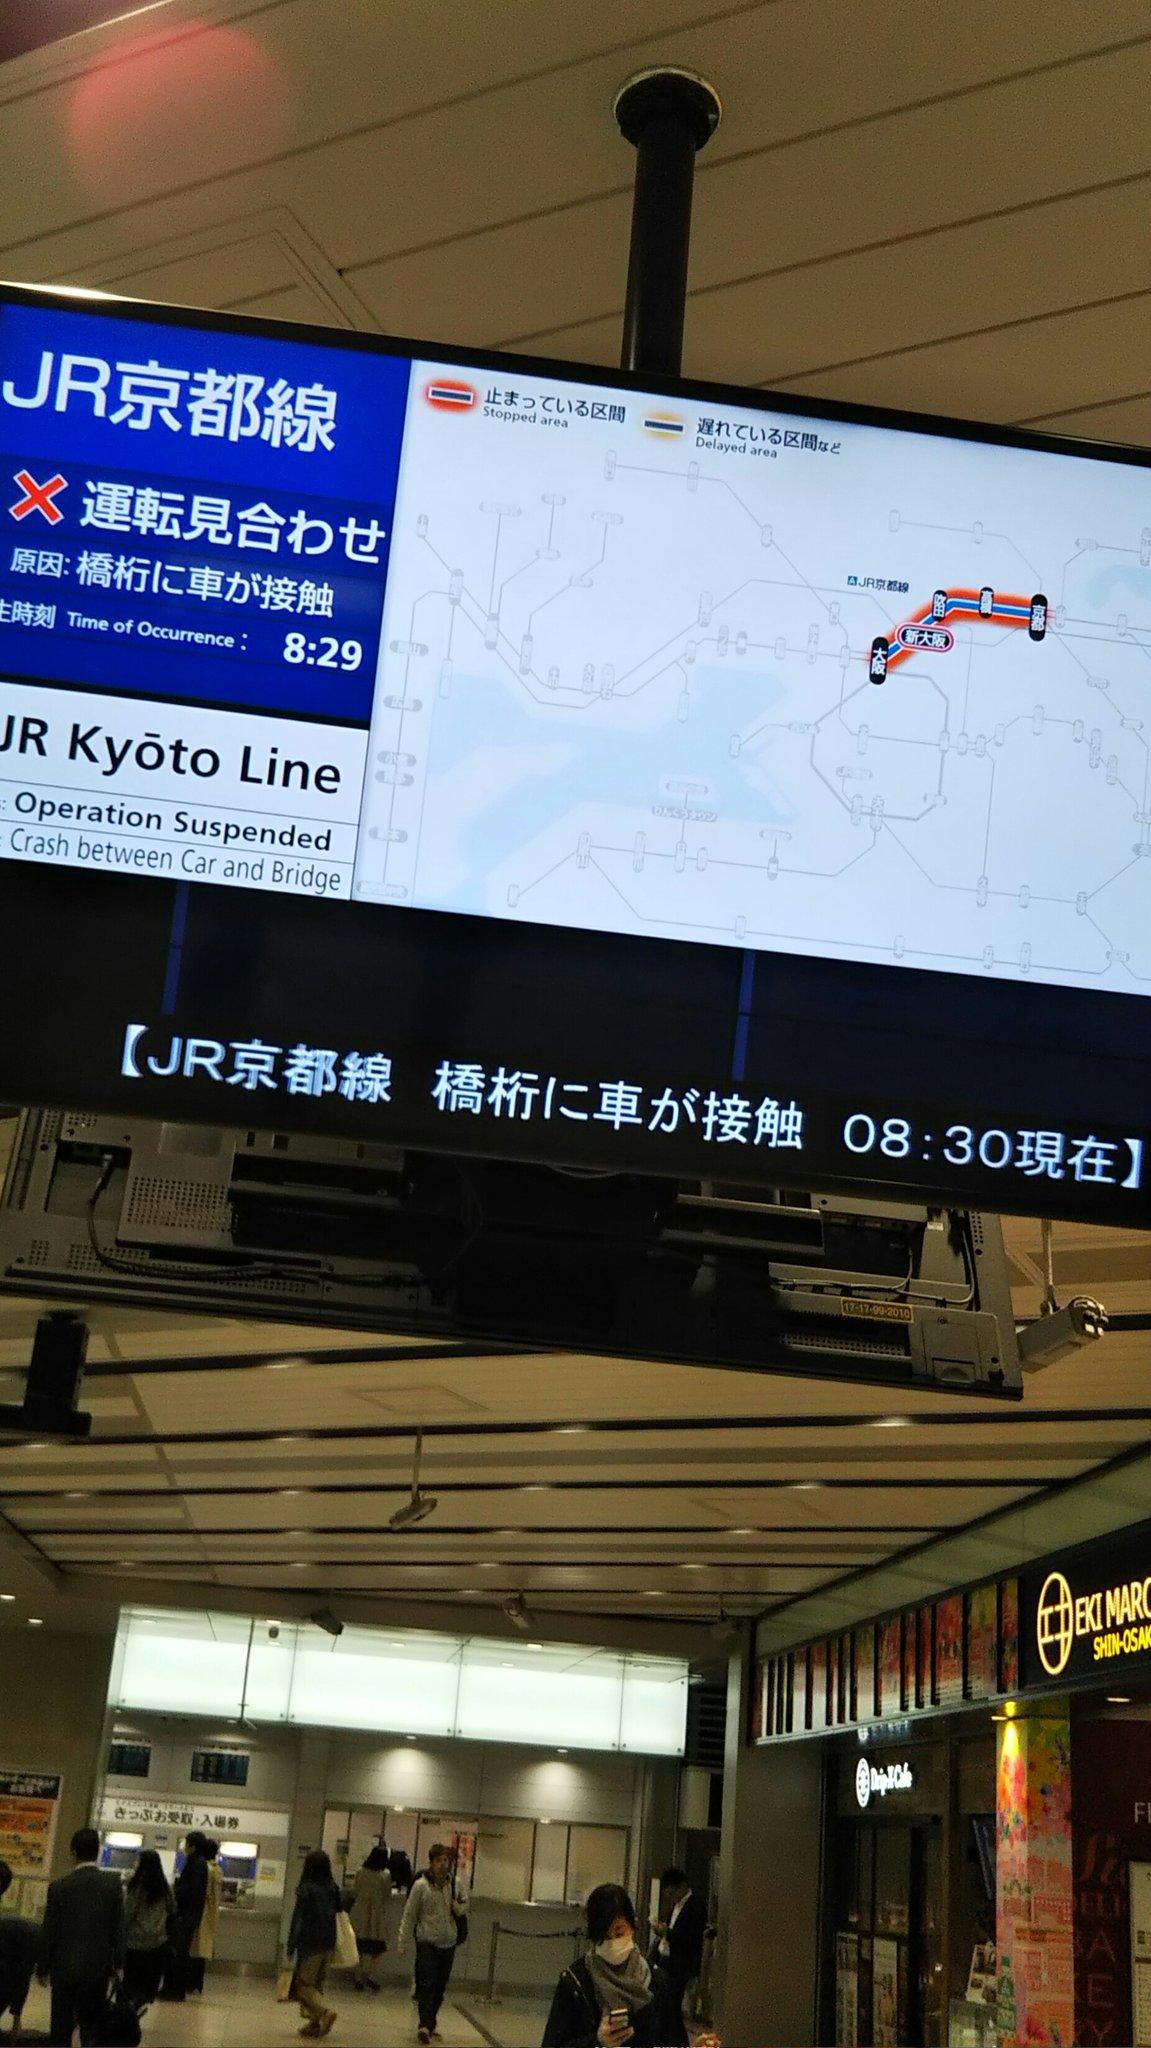 画像,橋桁にトラック接触して、JR京都線とまってます。 https://t.co/VleFJzC5Bi。